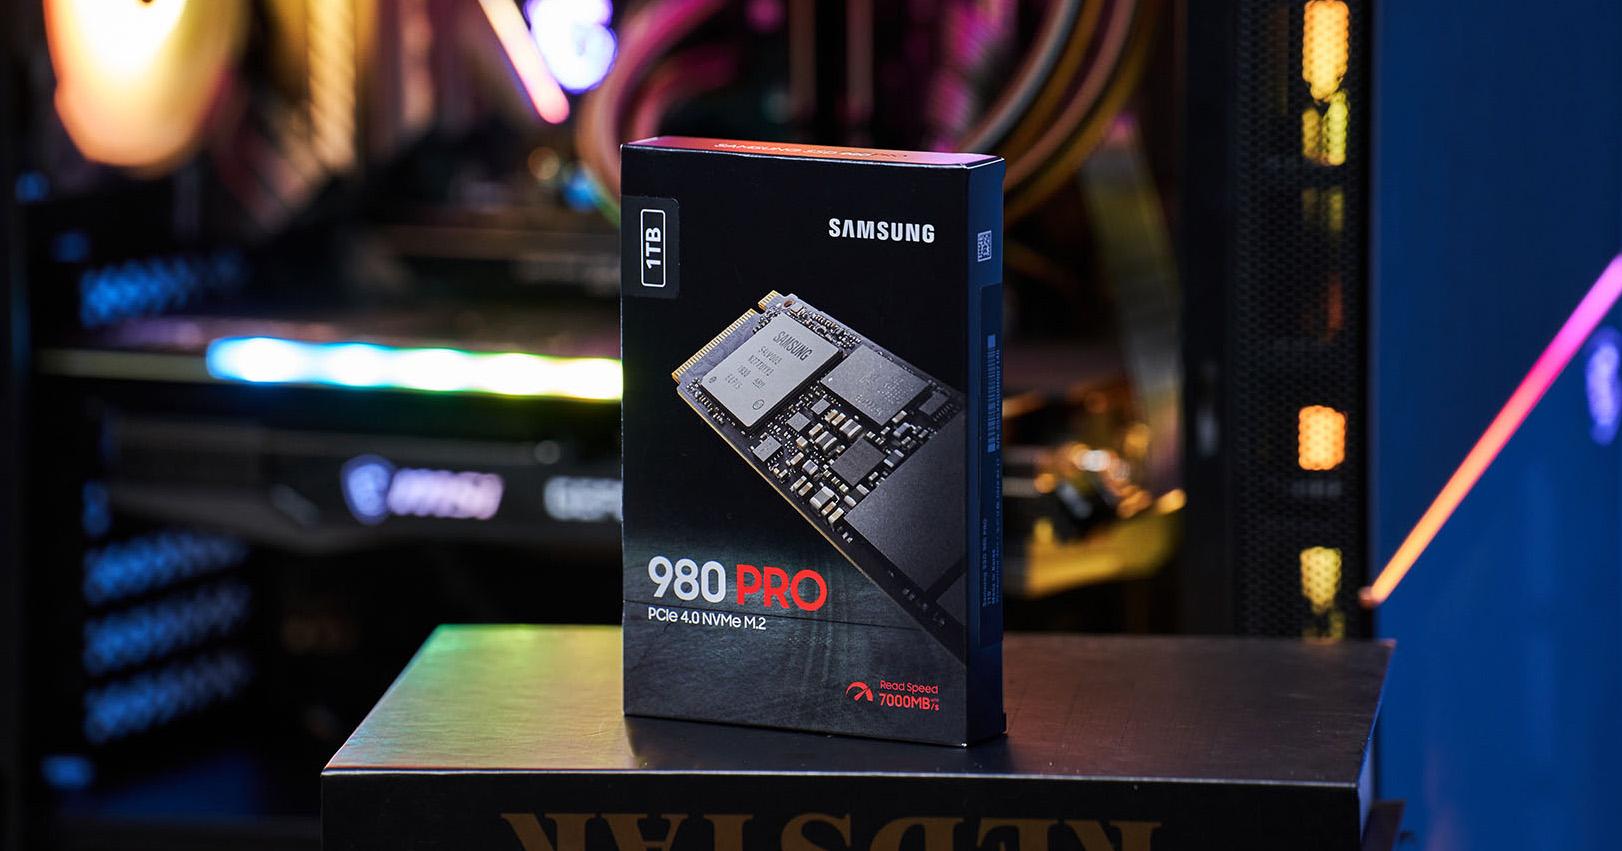 三星首款 PCIe Gen4 規格的 SSD-Samsung 980 PRO 已正式在台上市。